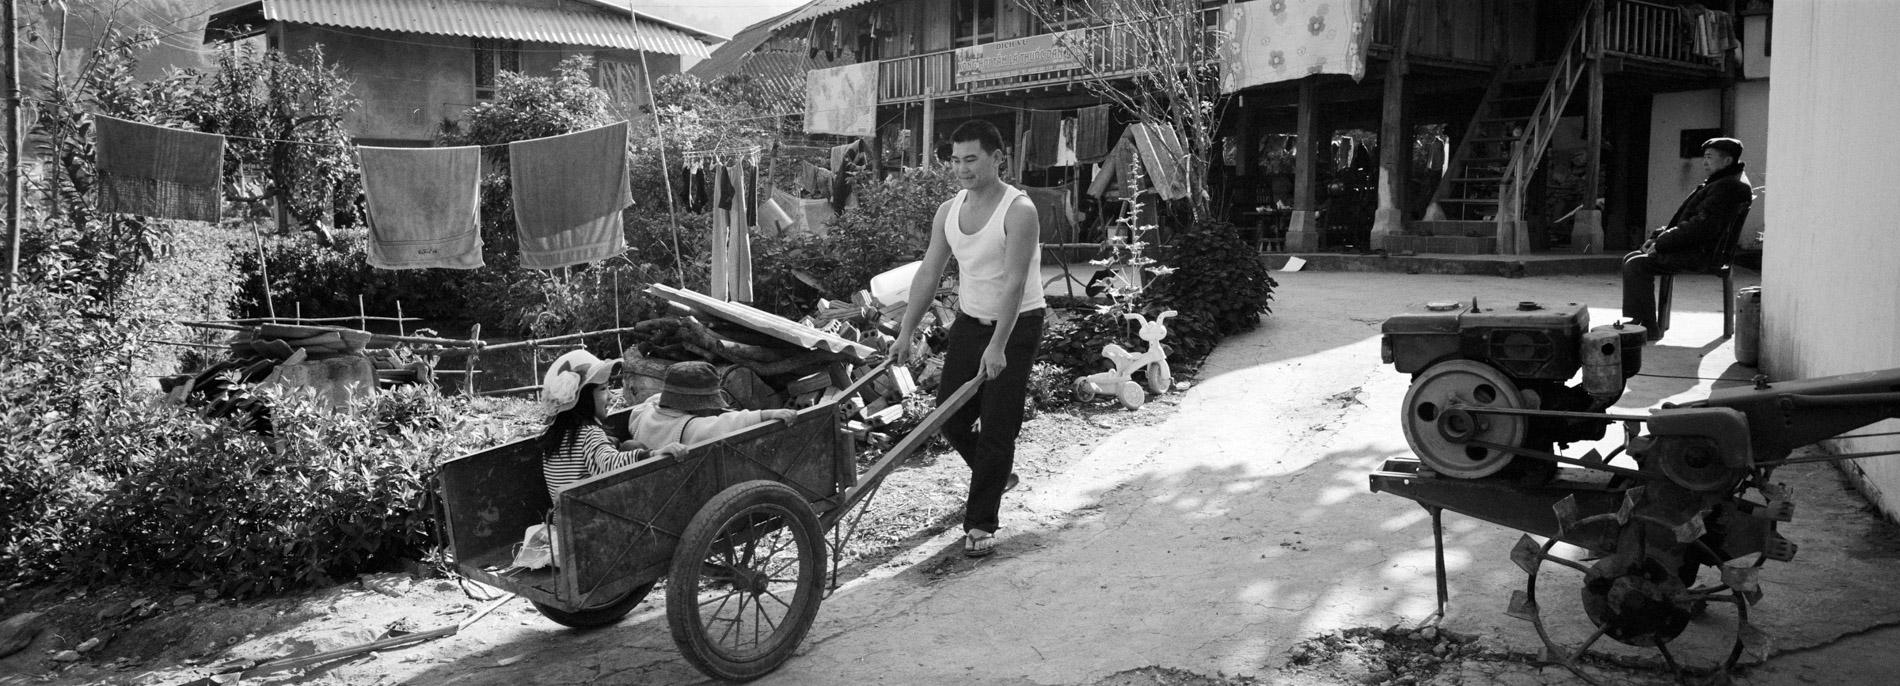 vietnam_xpan_jpg0007.jpg